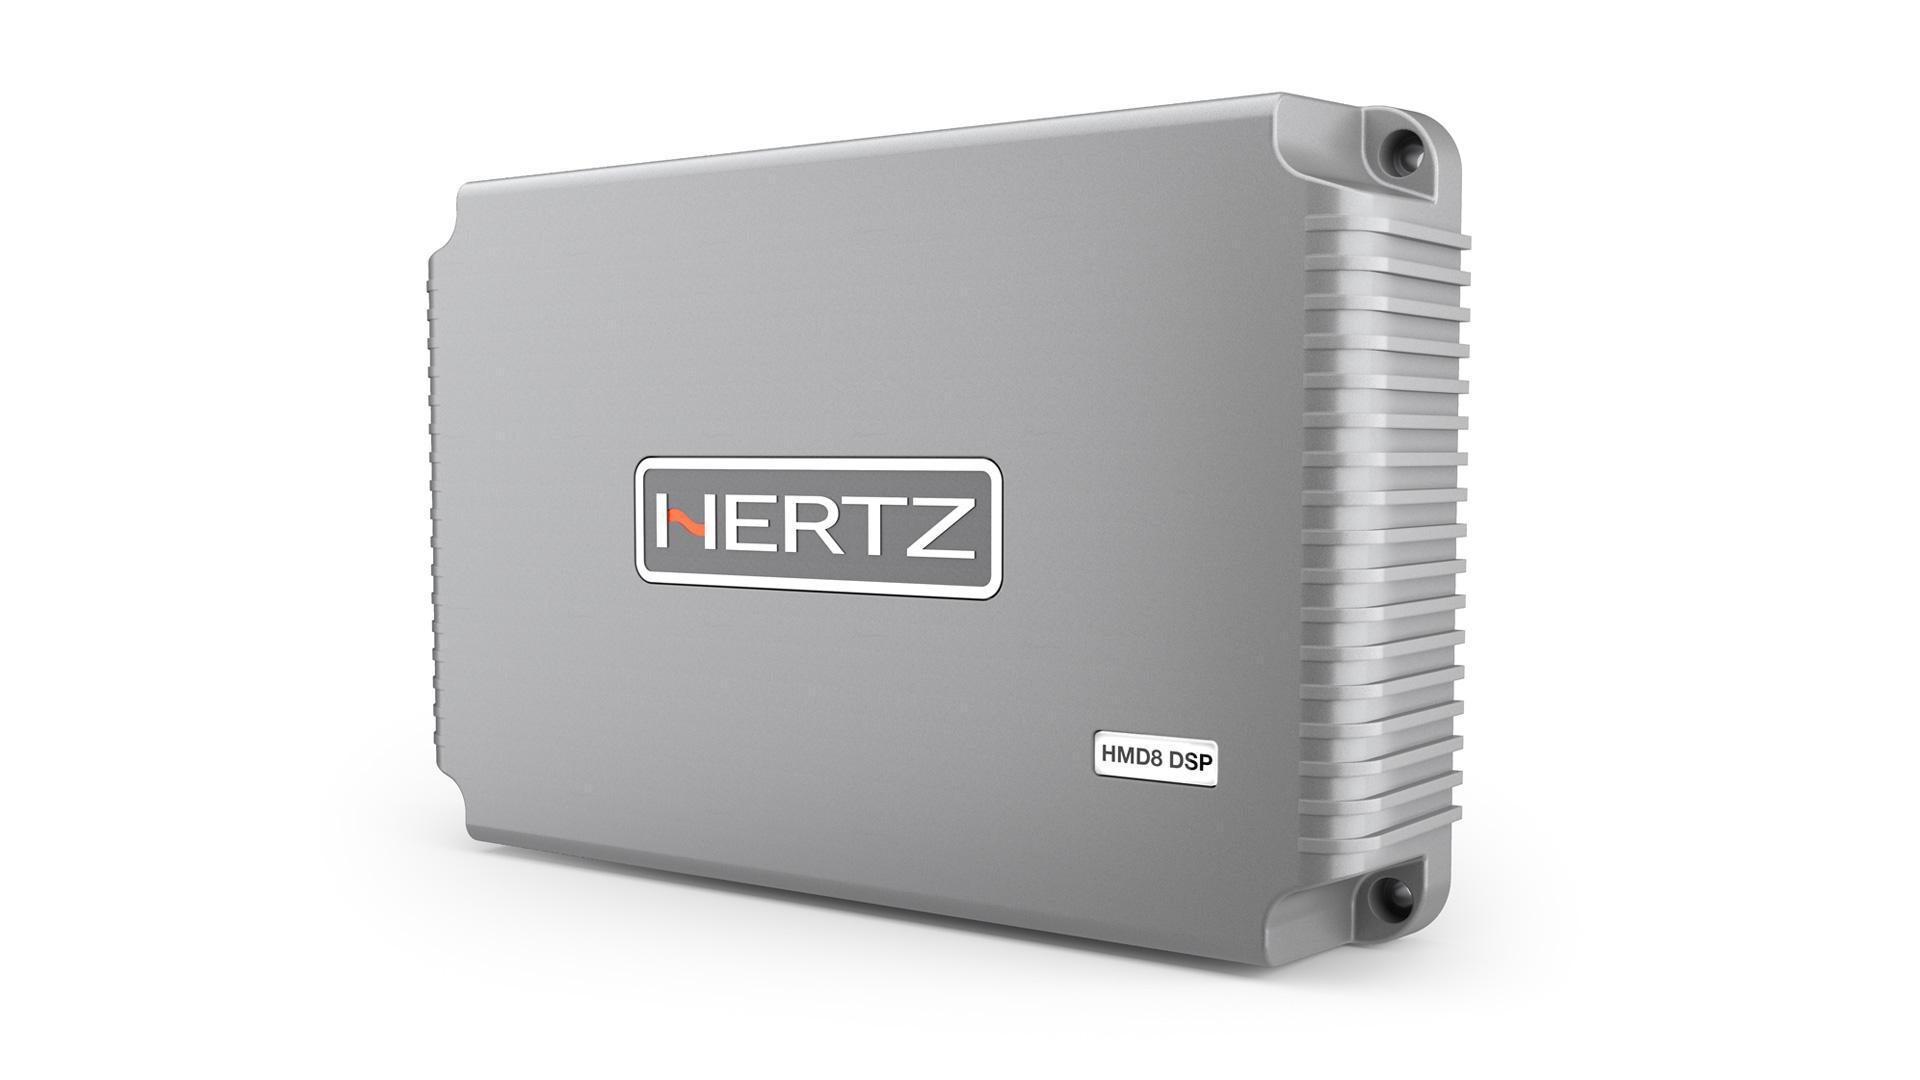 Hertz marine hmd8dsp